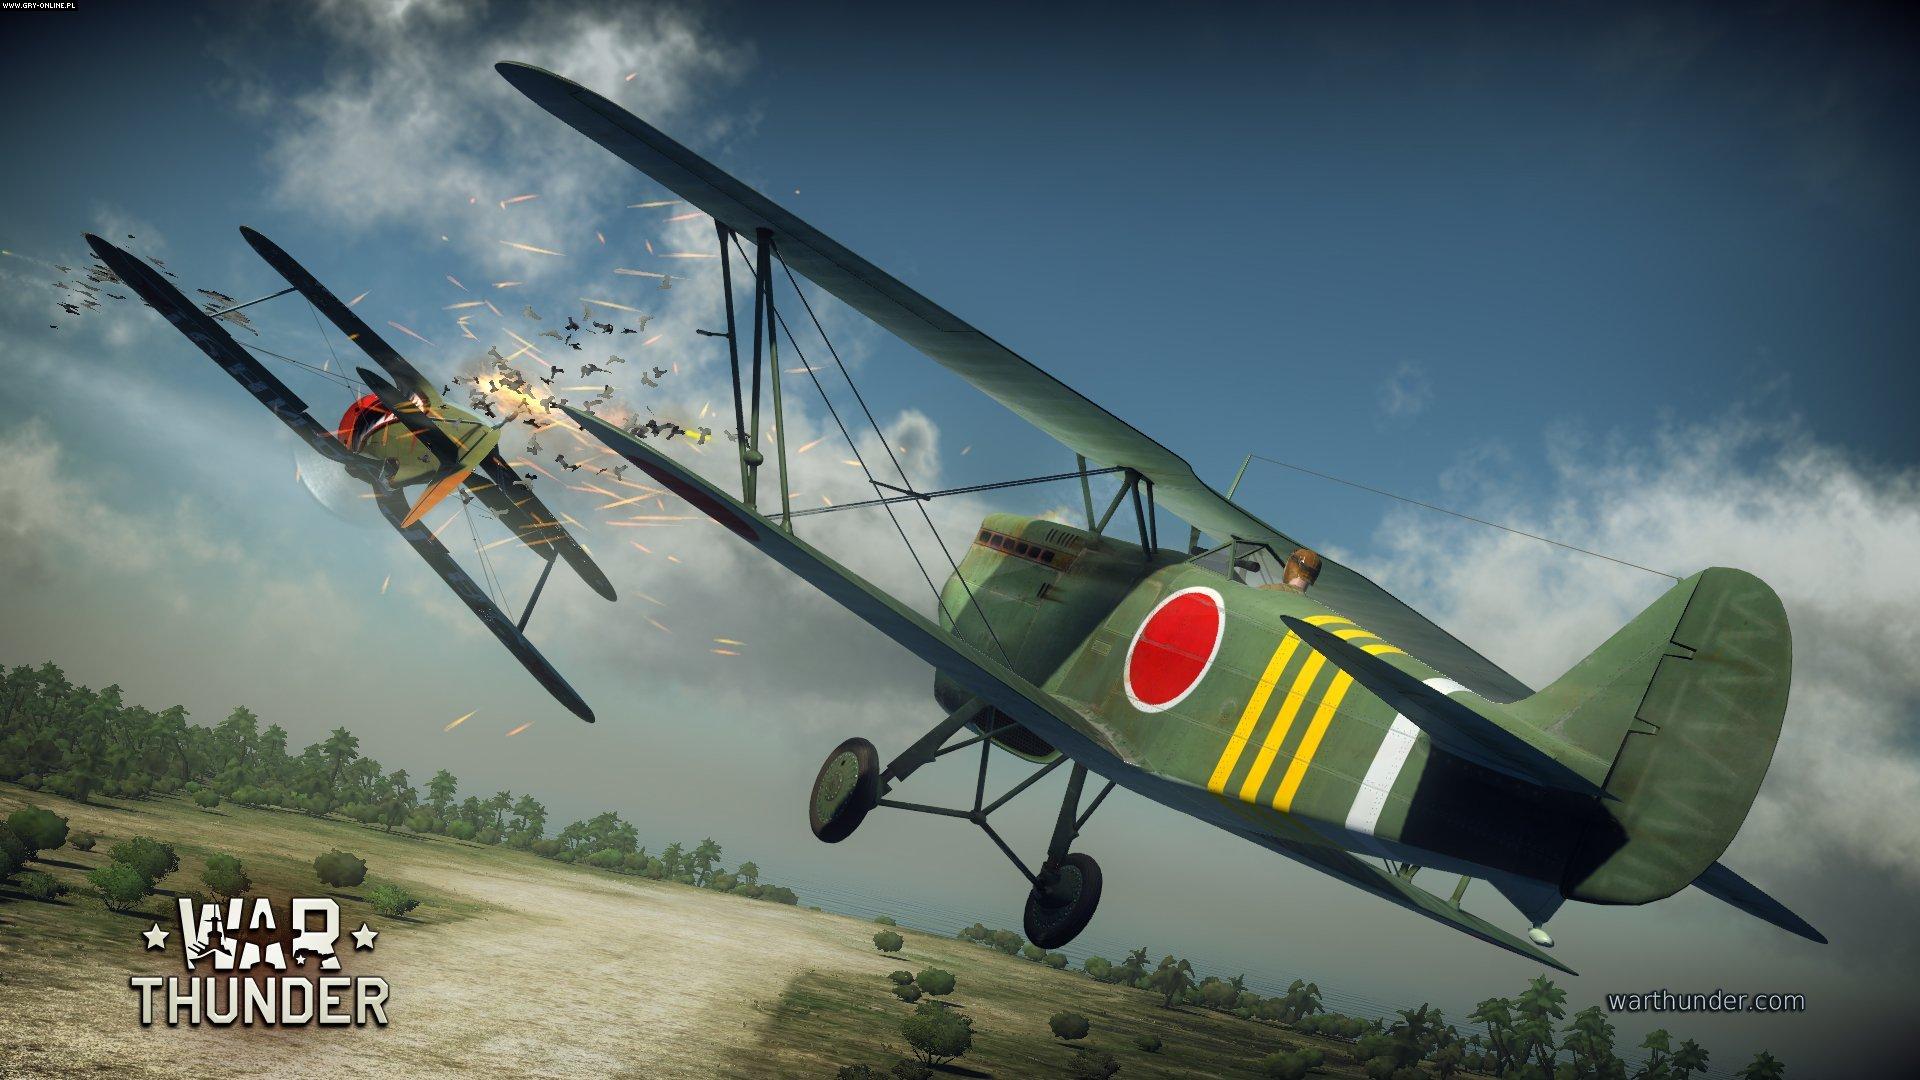 166 War Thunder HD Wallpapers | Backgrounds - Wallpaper ...